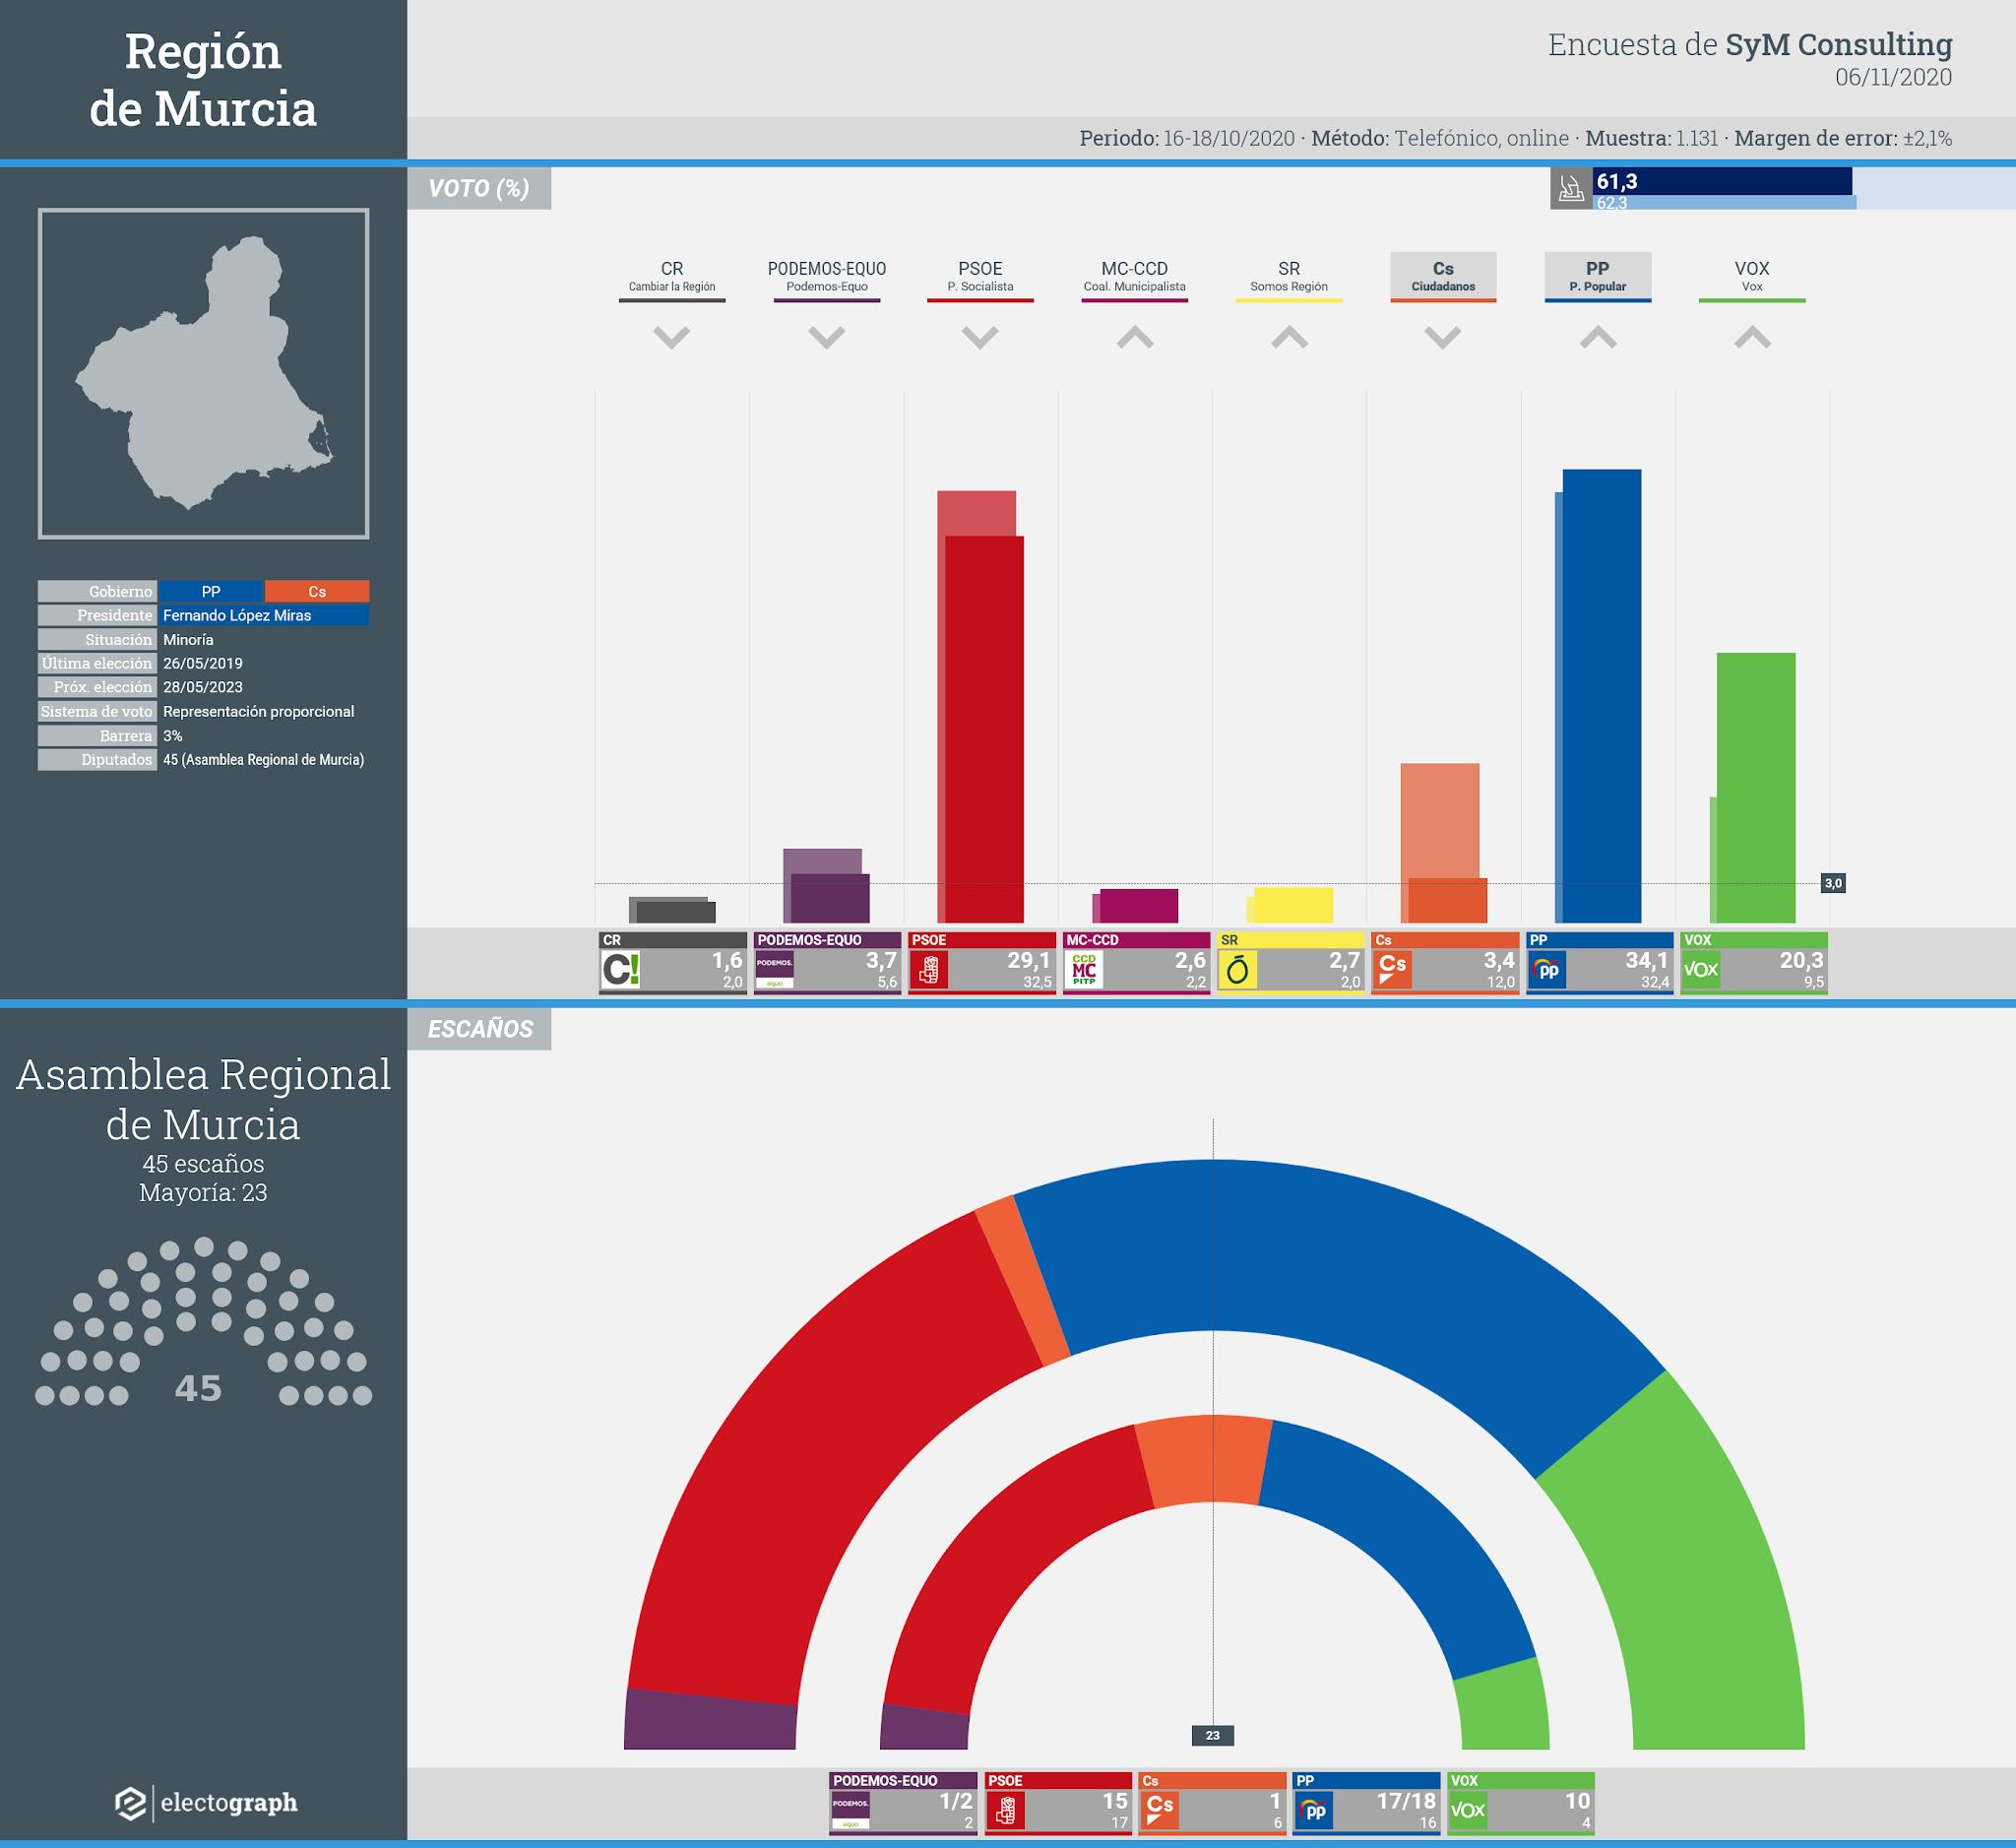 Gráfico de la encuesta para elecciones autonómicas en la Región de Murcia realizada por SyM Consulting, 6 de noviembre de 2020